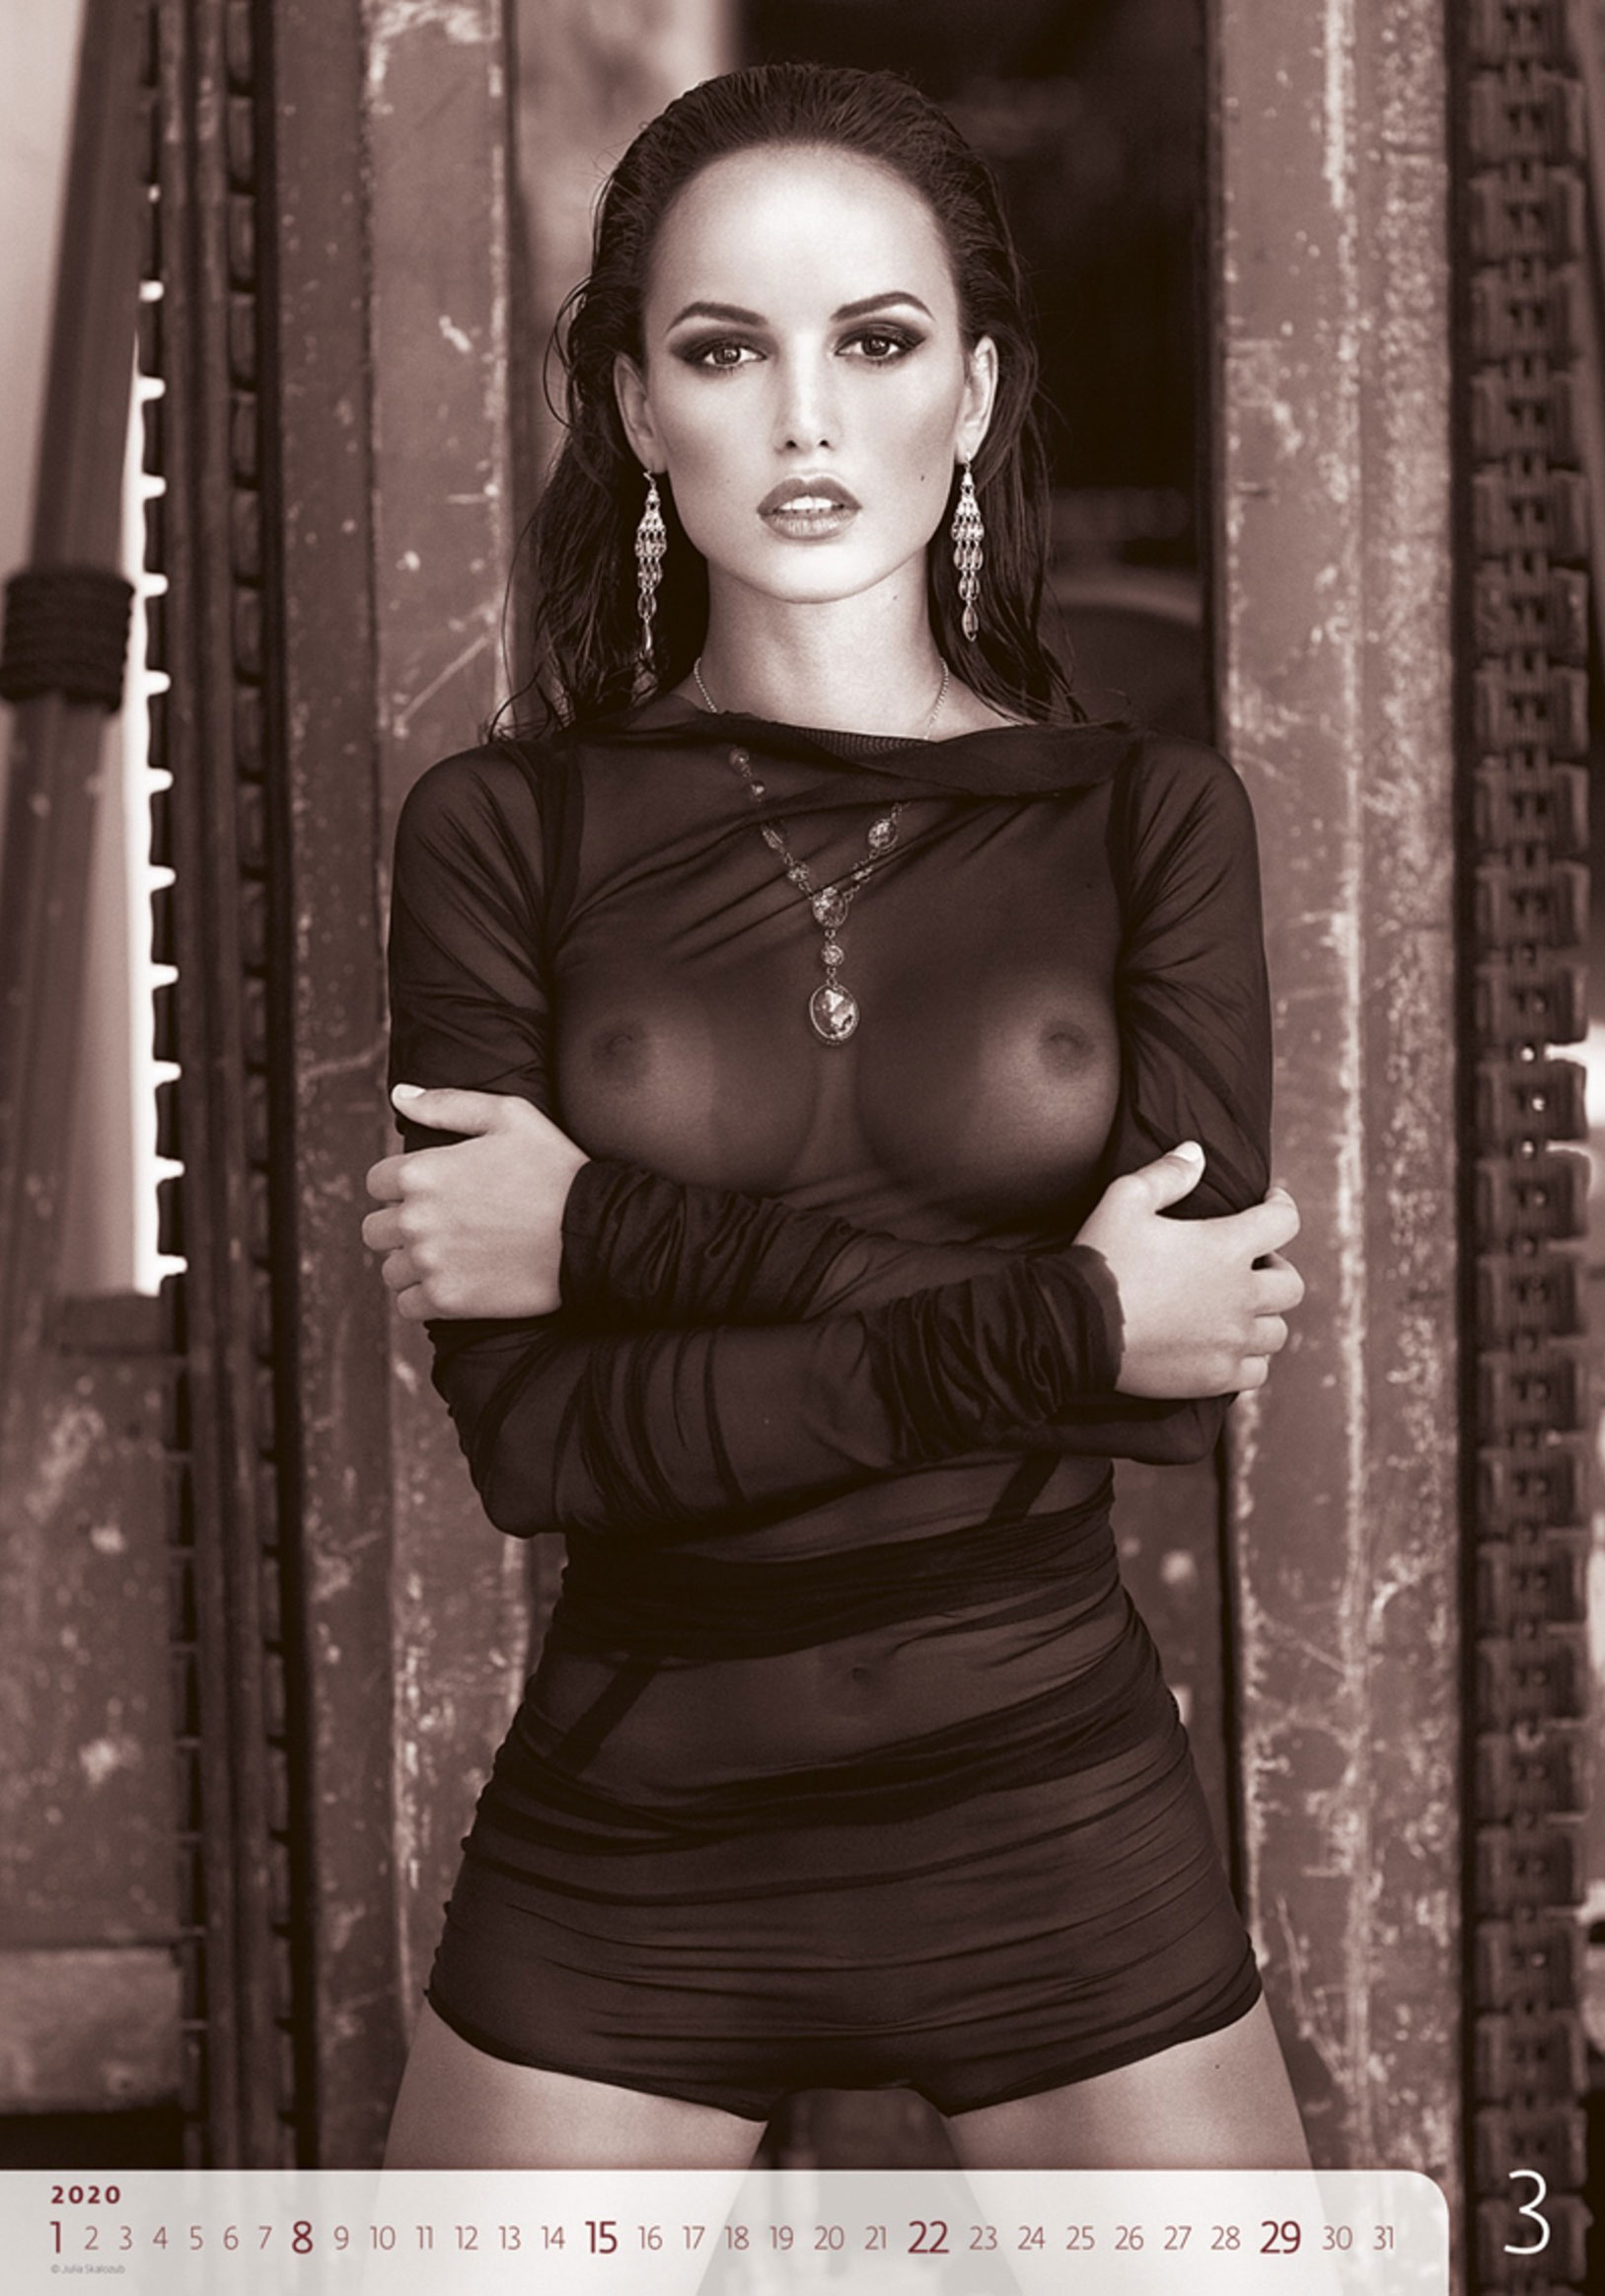 Сексуальные голые девушки в календаре на 2020 год, фотограф Юлия Скалозуб / март